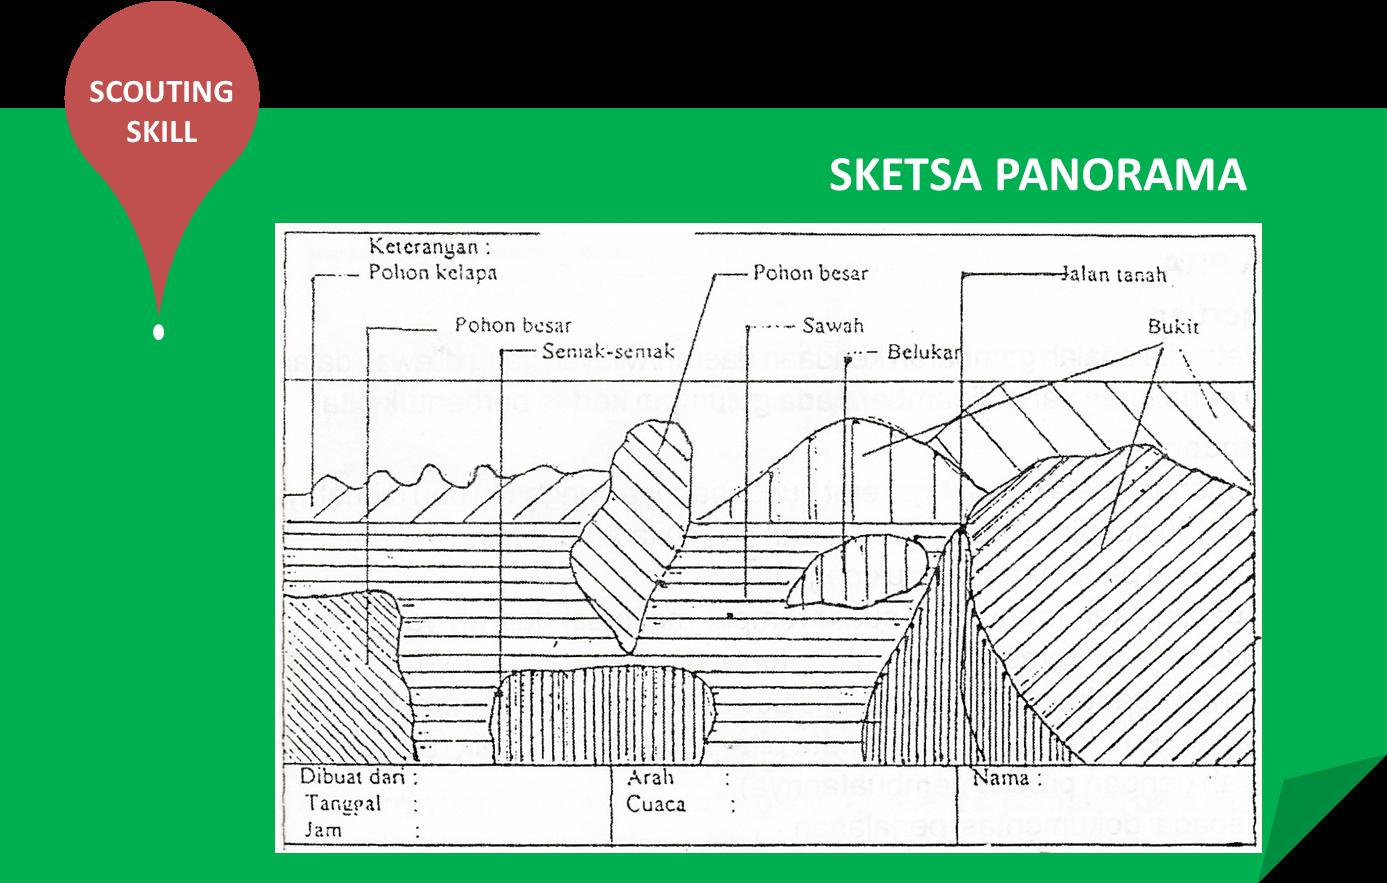 Sketsa panorama scouting skill ensiklopedia pramuka oct 1 2012 ccuart Gallery